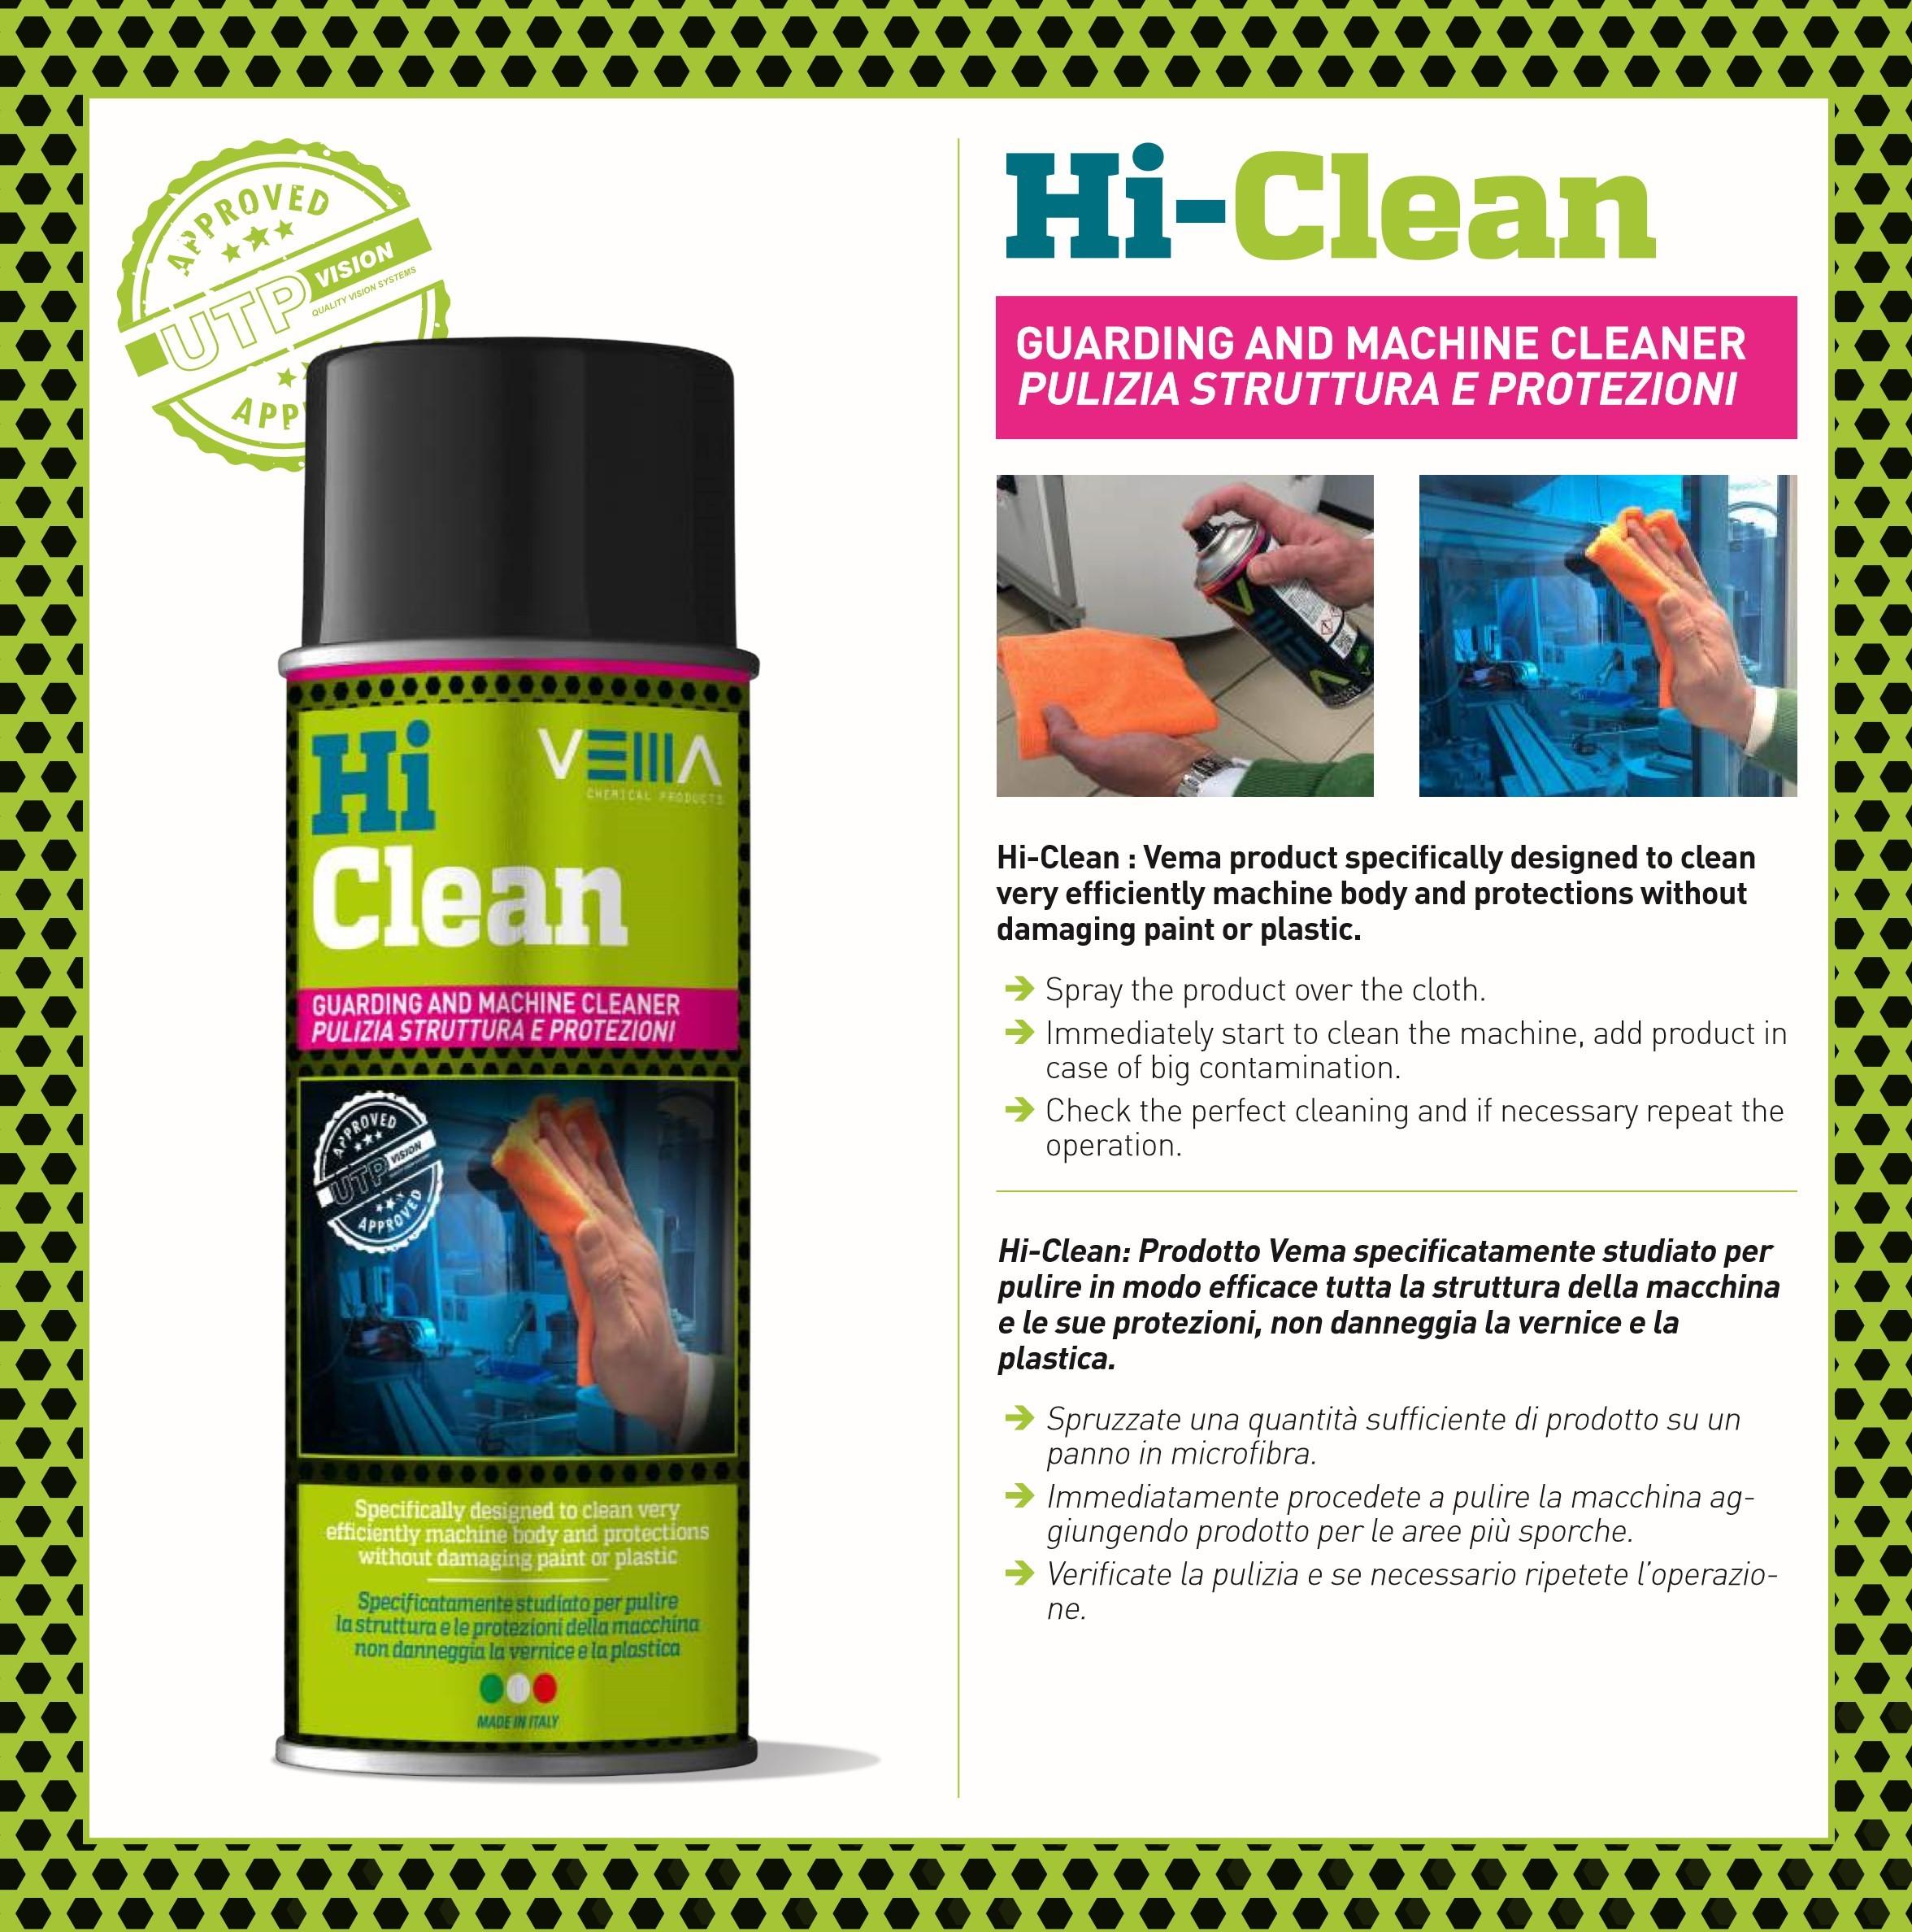 hi-clean